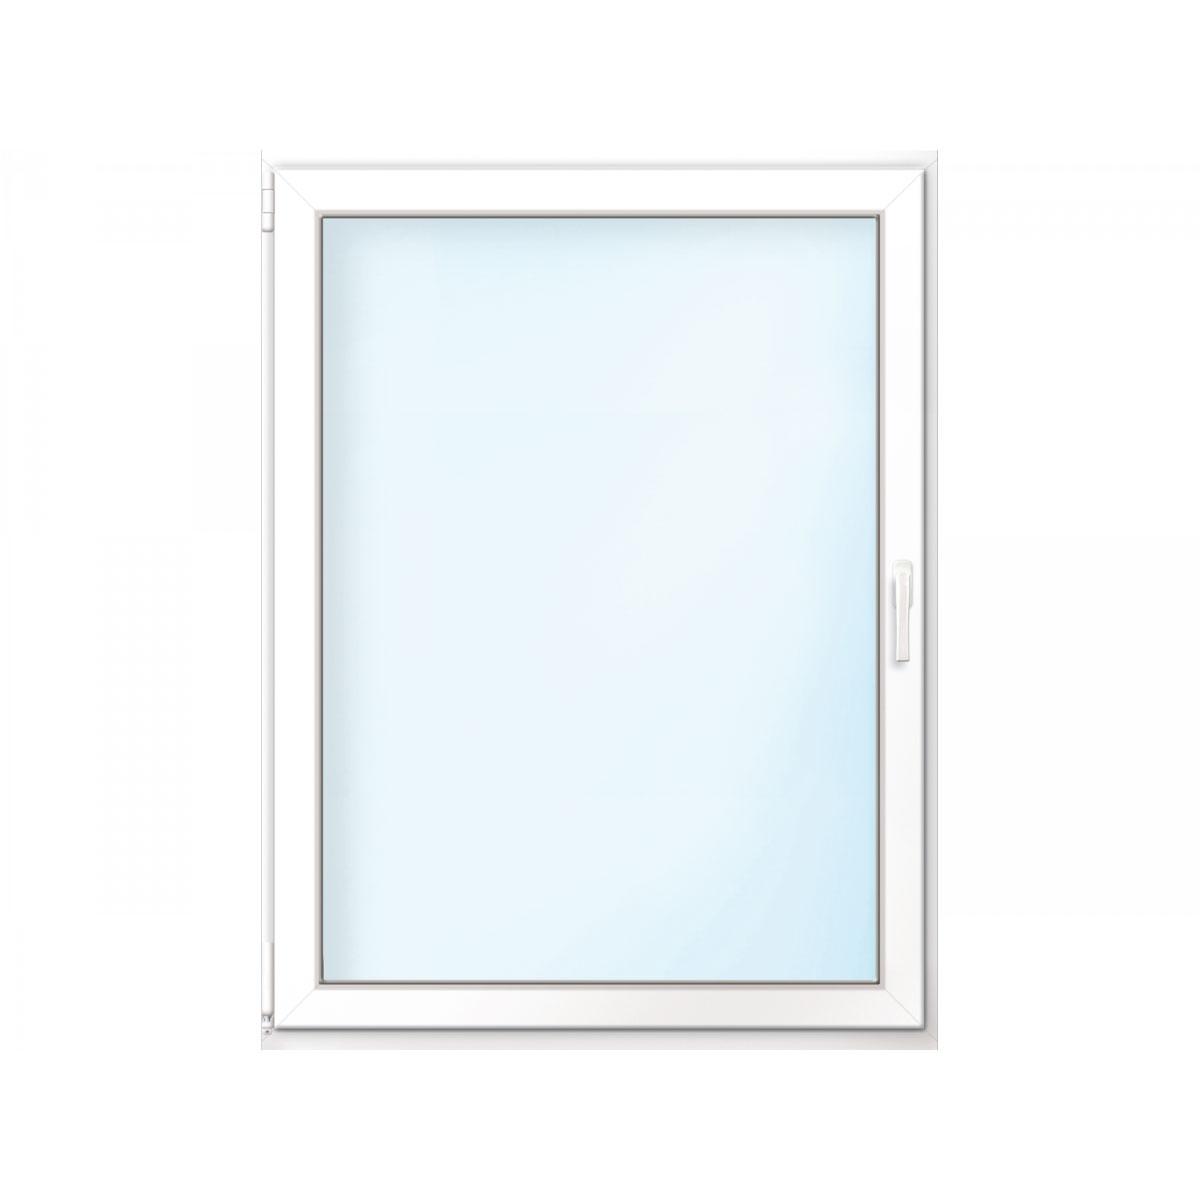 Fenster PVC 70/3 weiß/weiß Anschlag links 75x120 cm